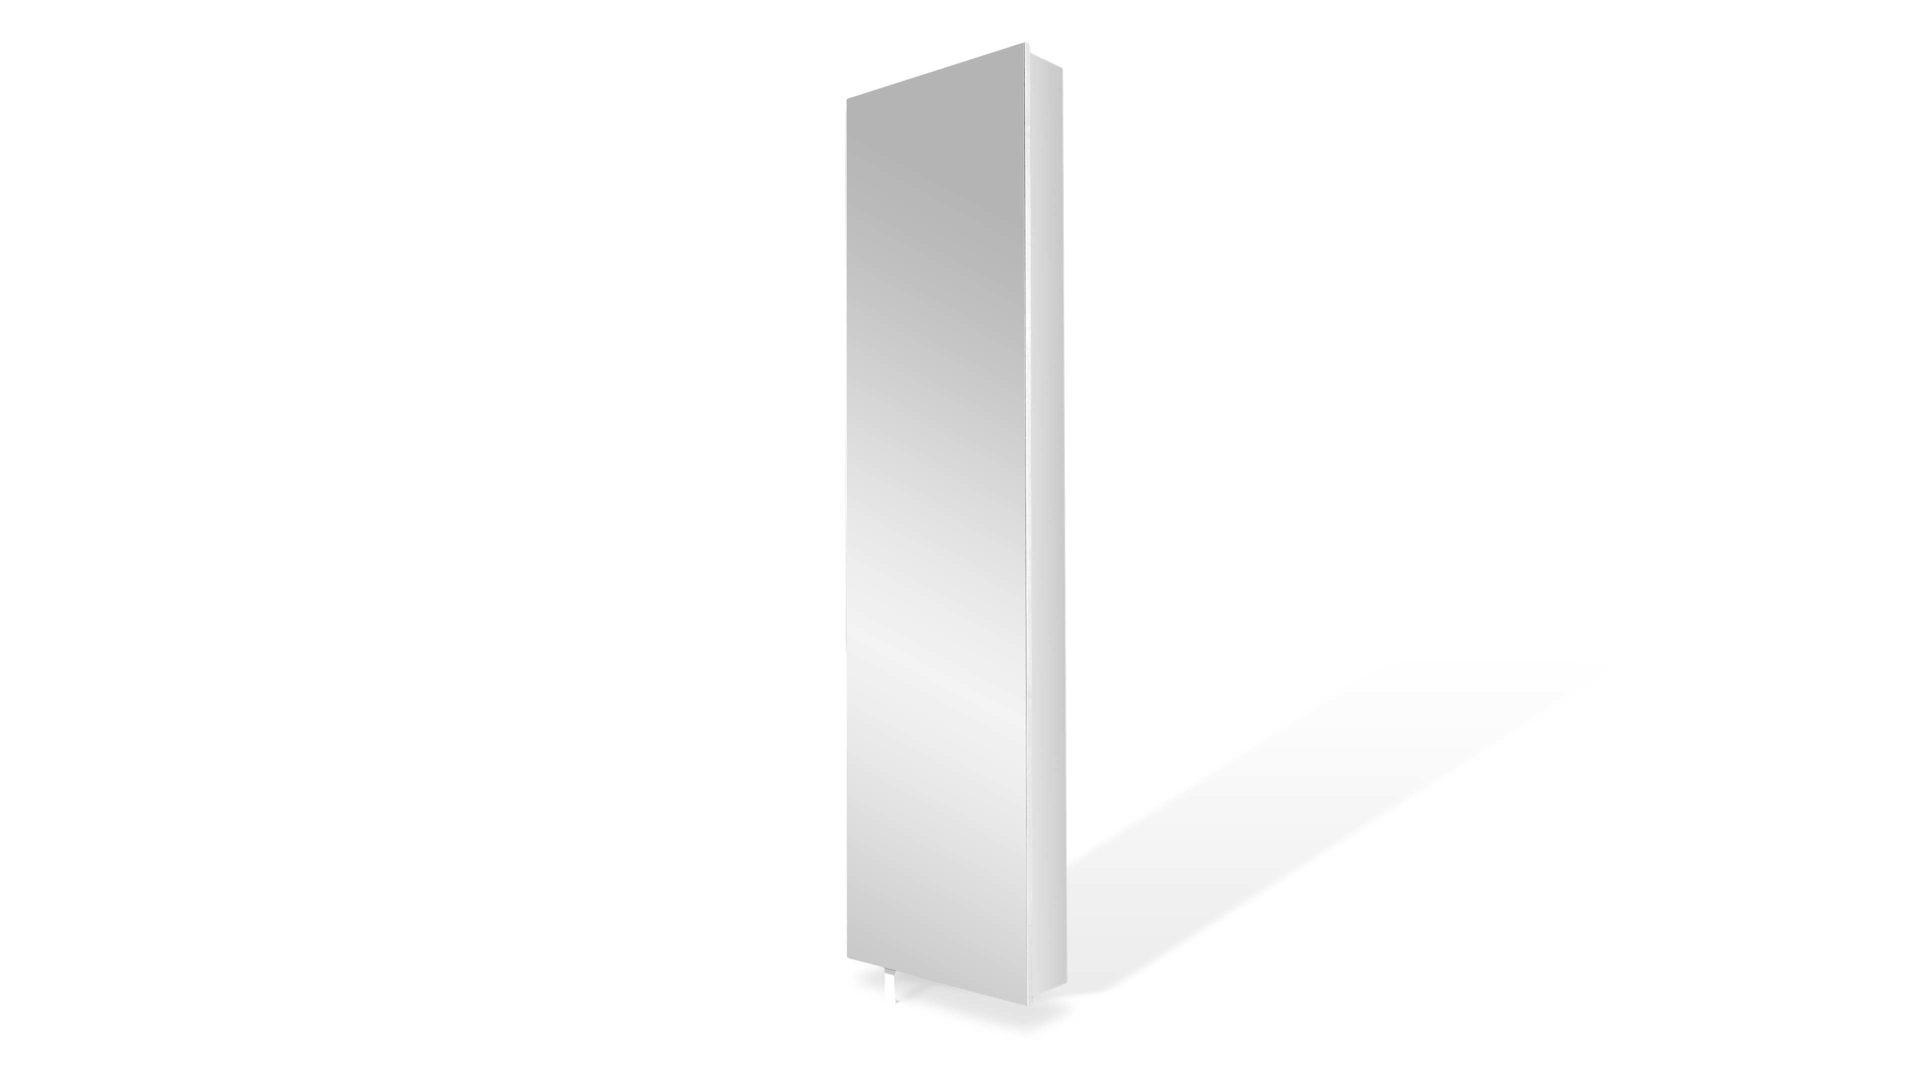 Mehrzweckschrank Bzw Drehschrank Als Stauraumlösung Weiße Kunststoffoberflächen Fünf Fächer Ein Ablageboden Eine Spi